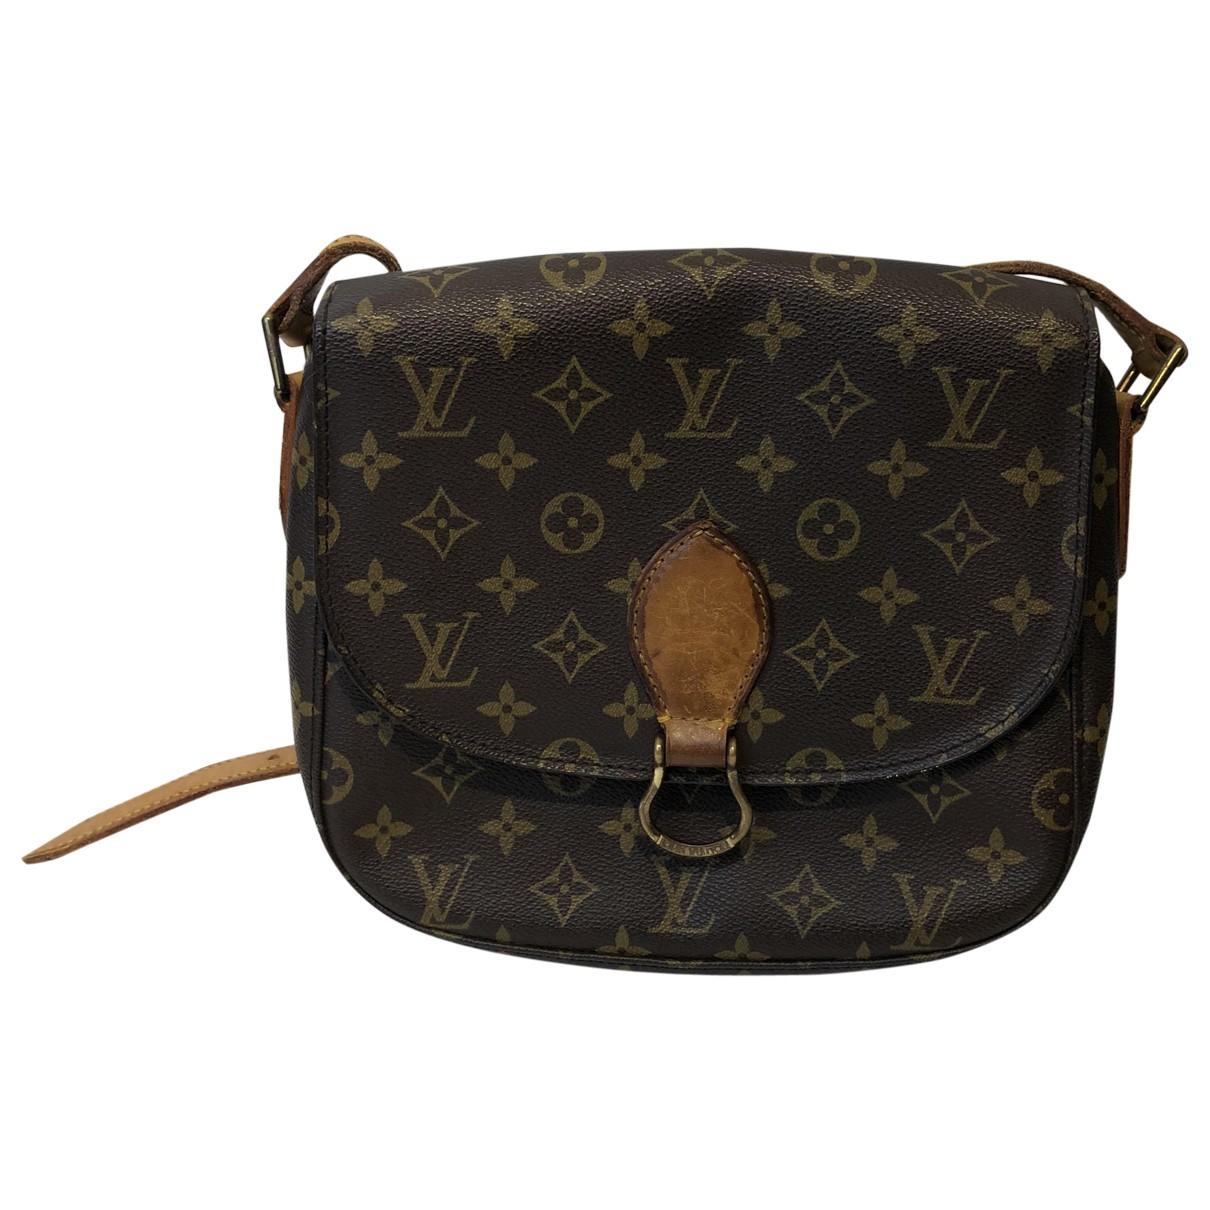 Louis Vuitton Saint Cloud vintage Handtasche in  Braun Leinen